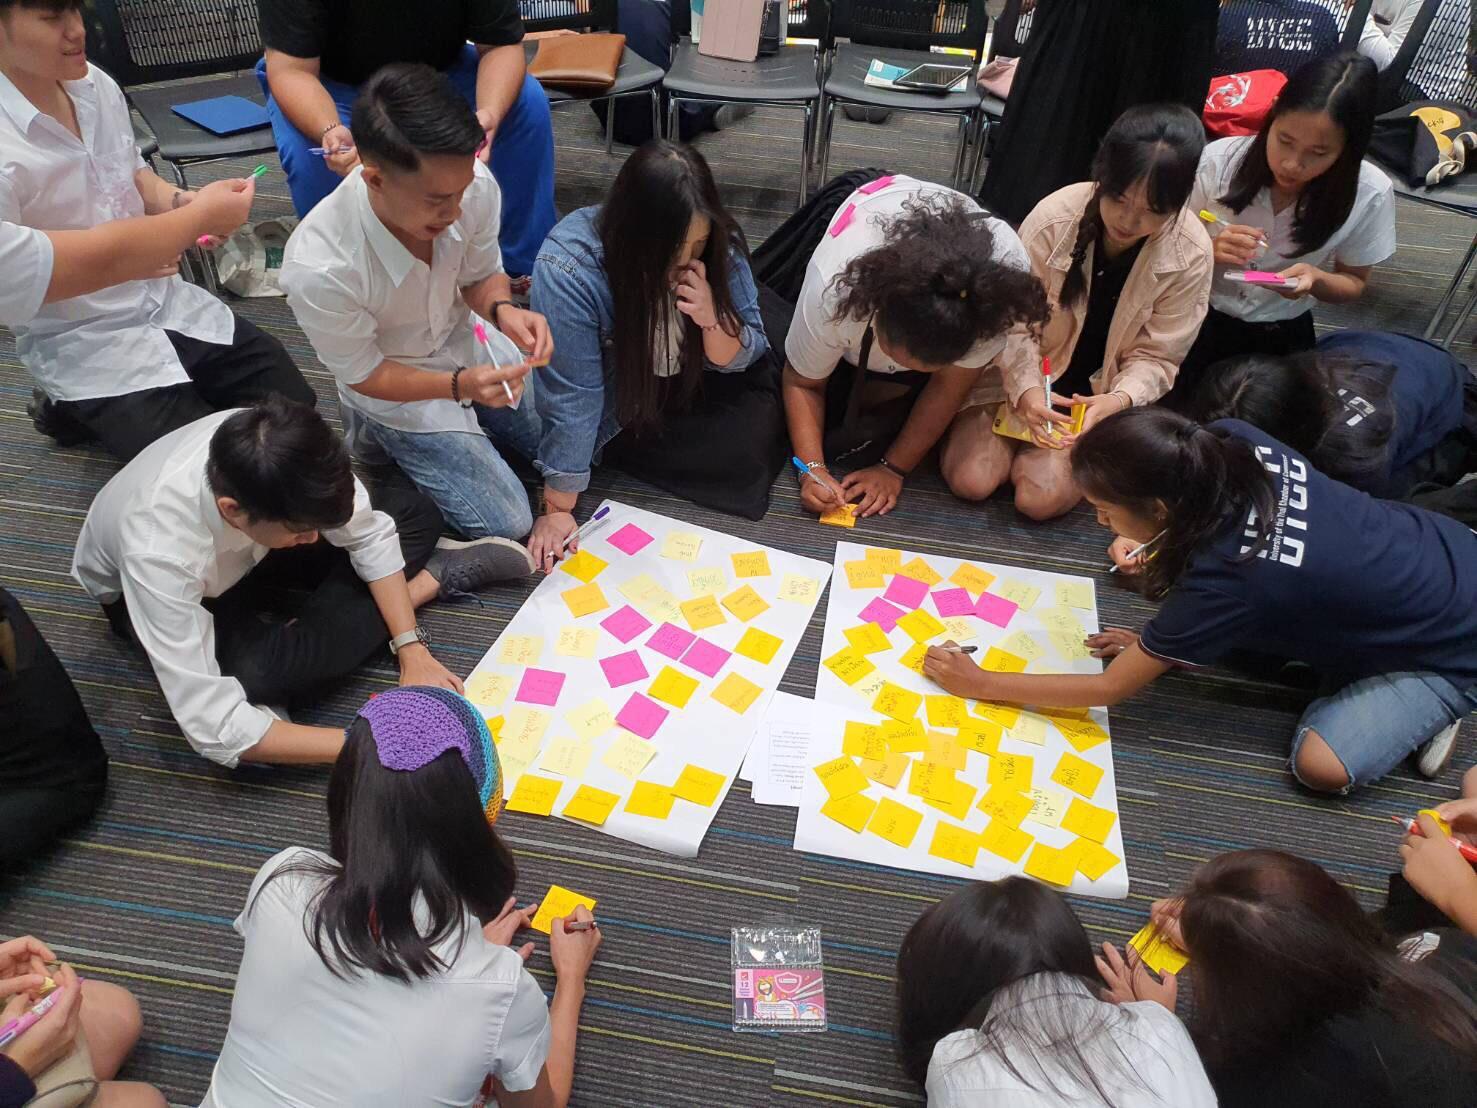 """ม.หอการค้าไทย นำ"""" วิชาการออกแบบชีวิต"""" ประสบการณ์การเรียนระดับโลก ให้นศ.ปี1 ค้นหา-ออกแบบชีวิตตัวเอง"""